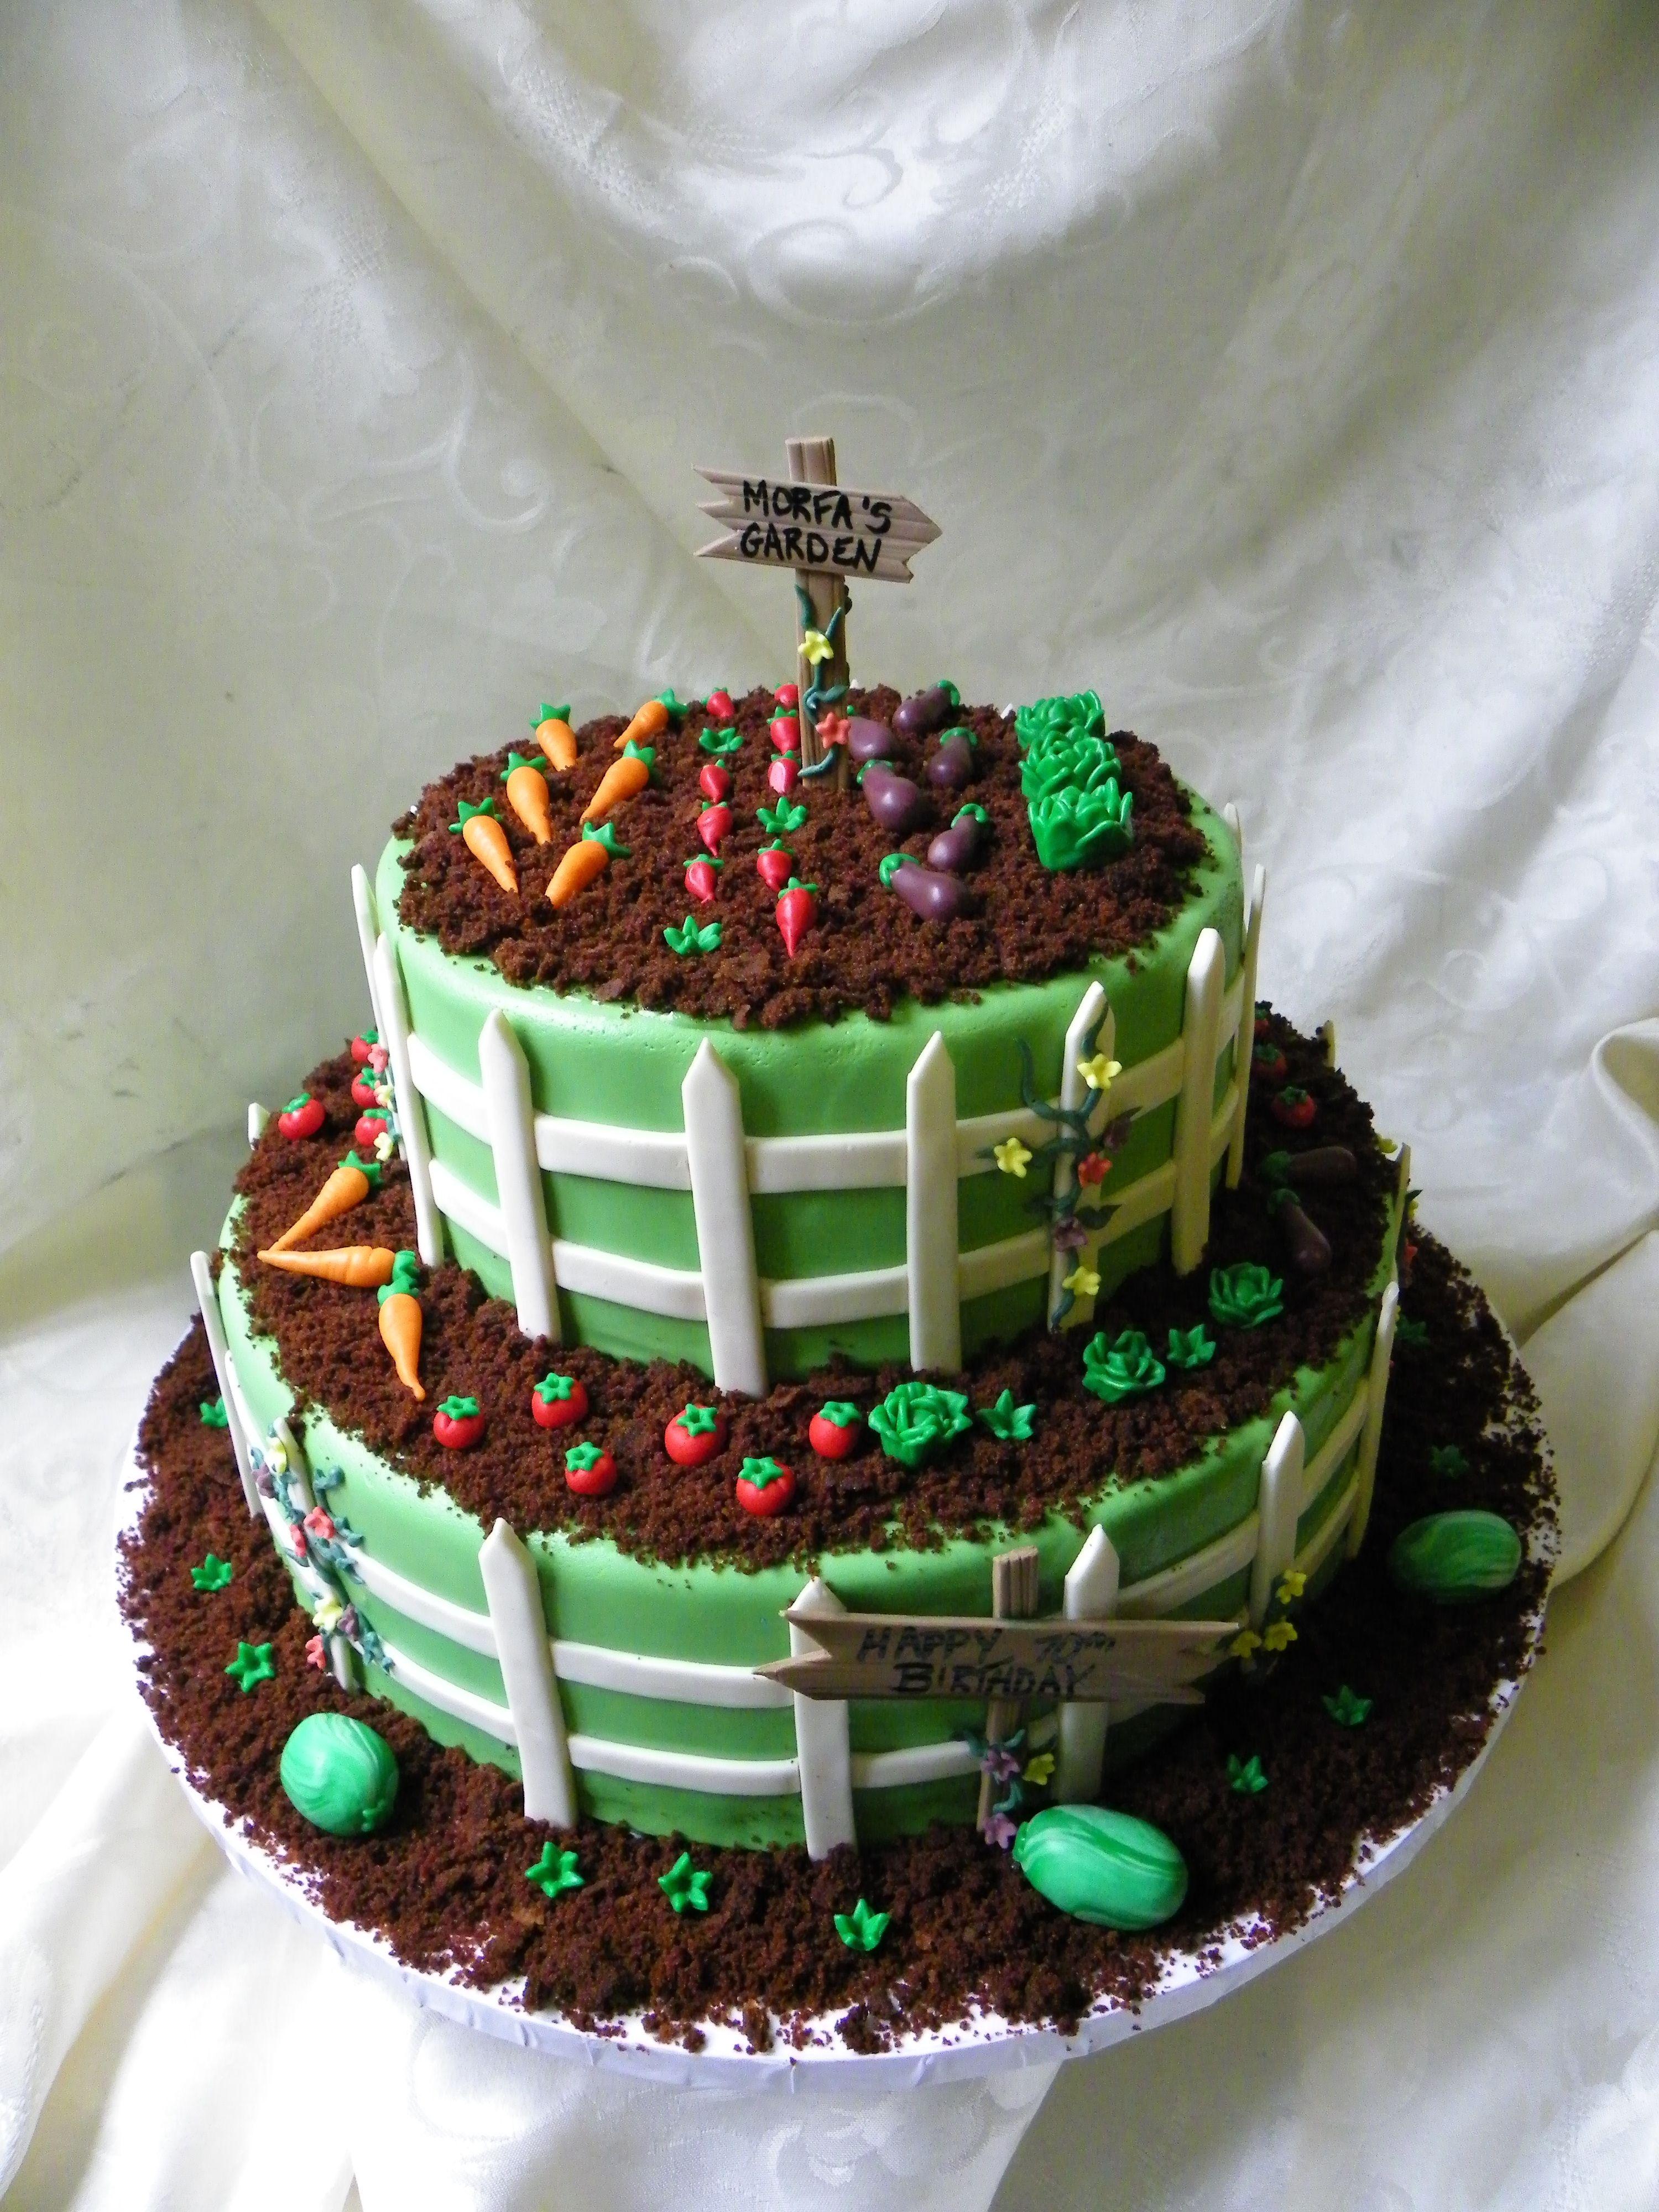 Vegetable Garden Birthday Cake | Inspiring Cakes | Pinterest ...